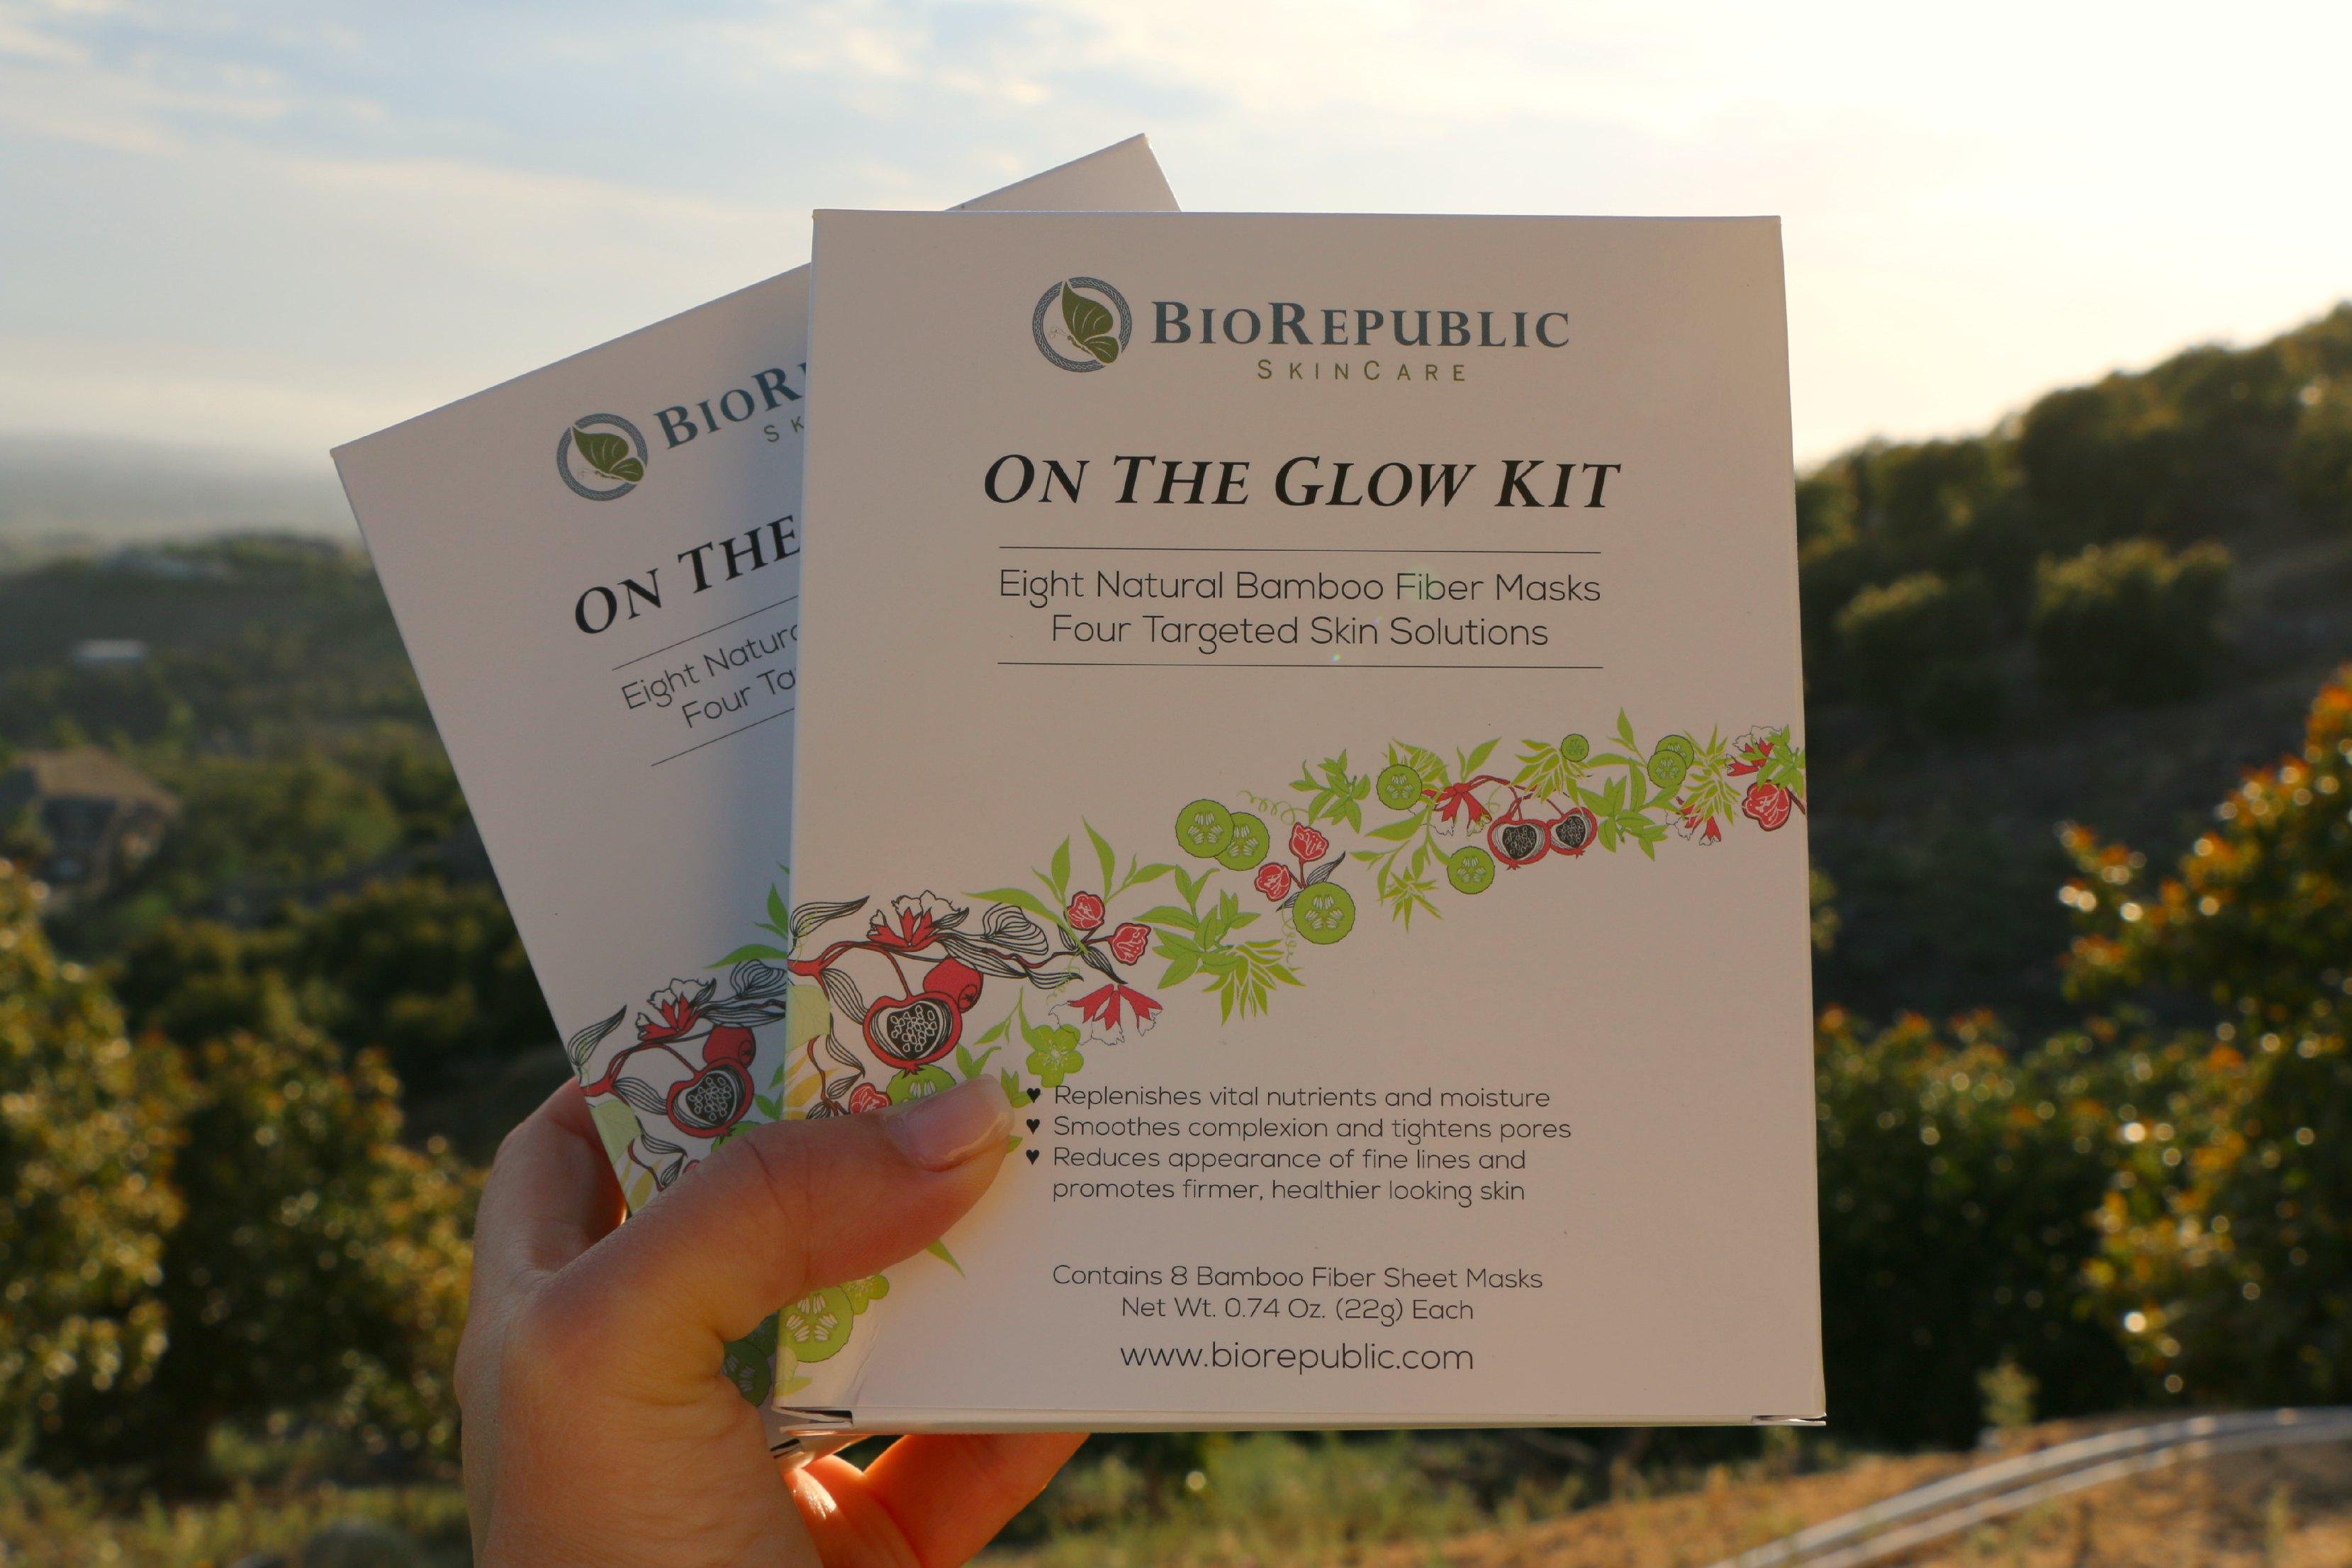 biorepublic skincare